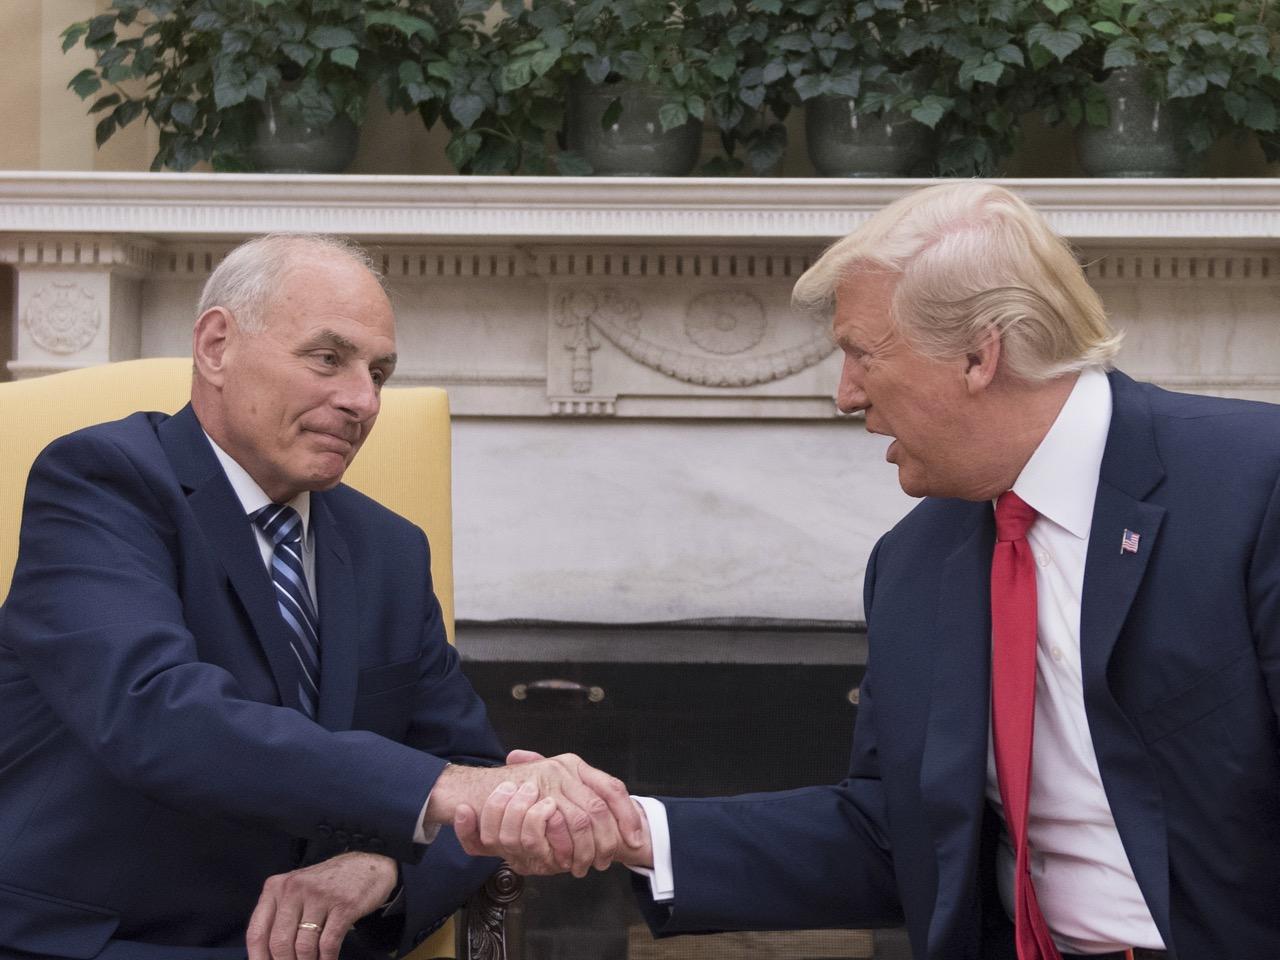 TOPSHOT-US-POLITICS-TRUMP-KELLY